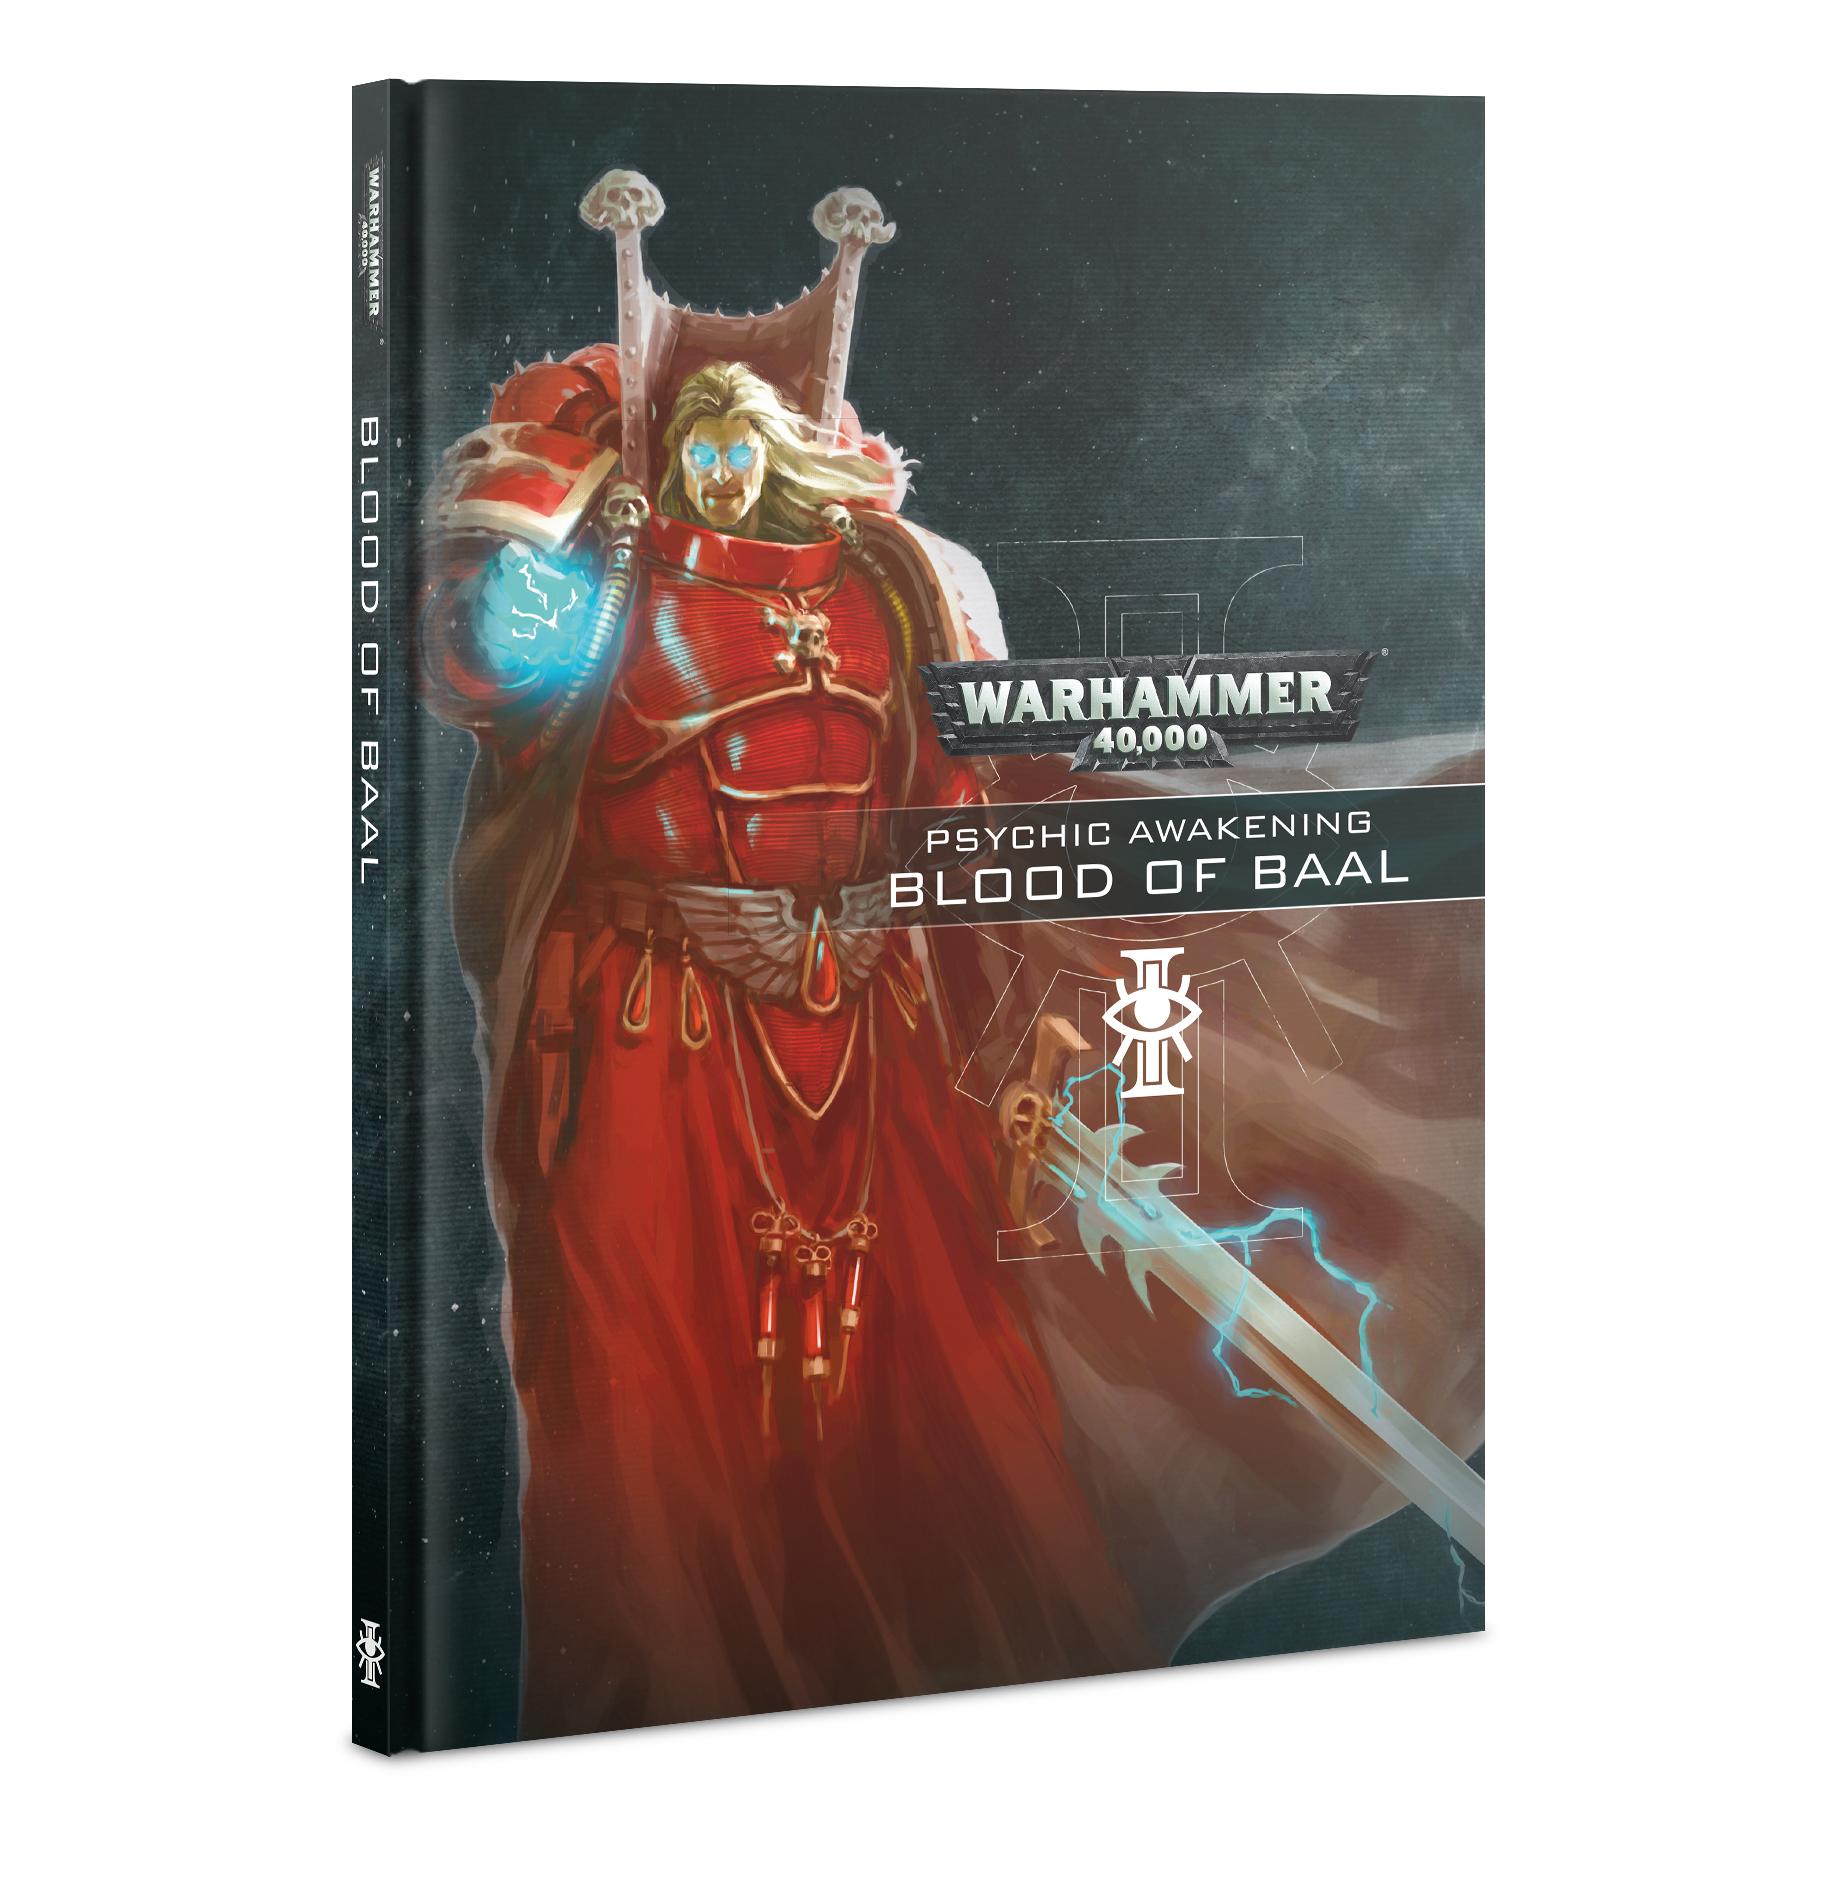 Warhammer 40k: Psychic Awakening Blood Of Baal